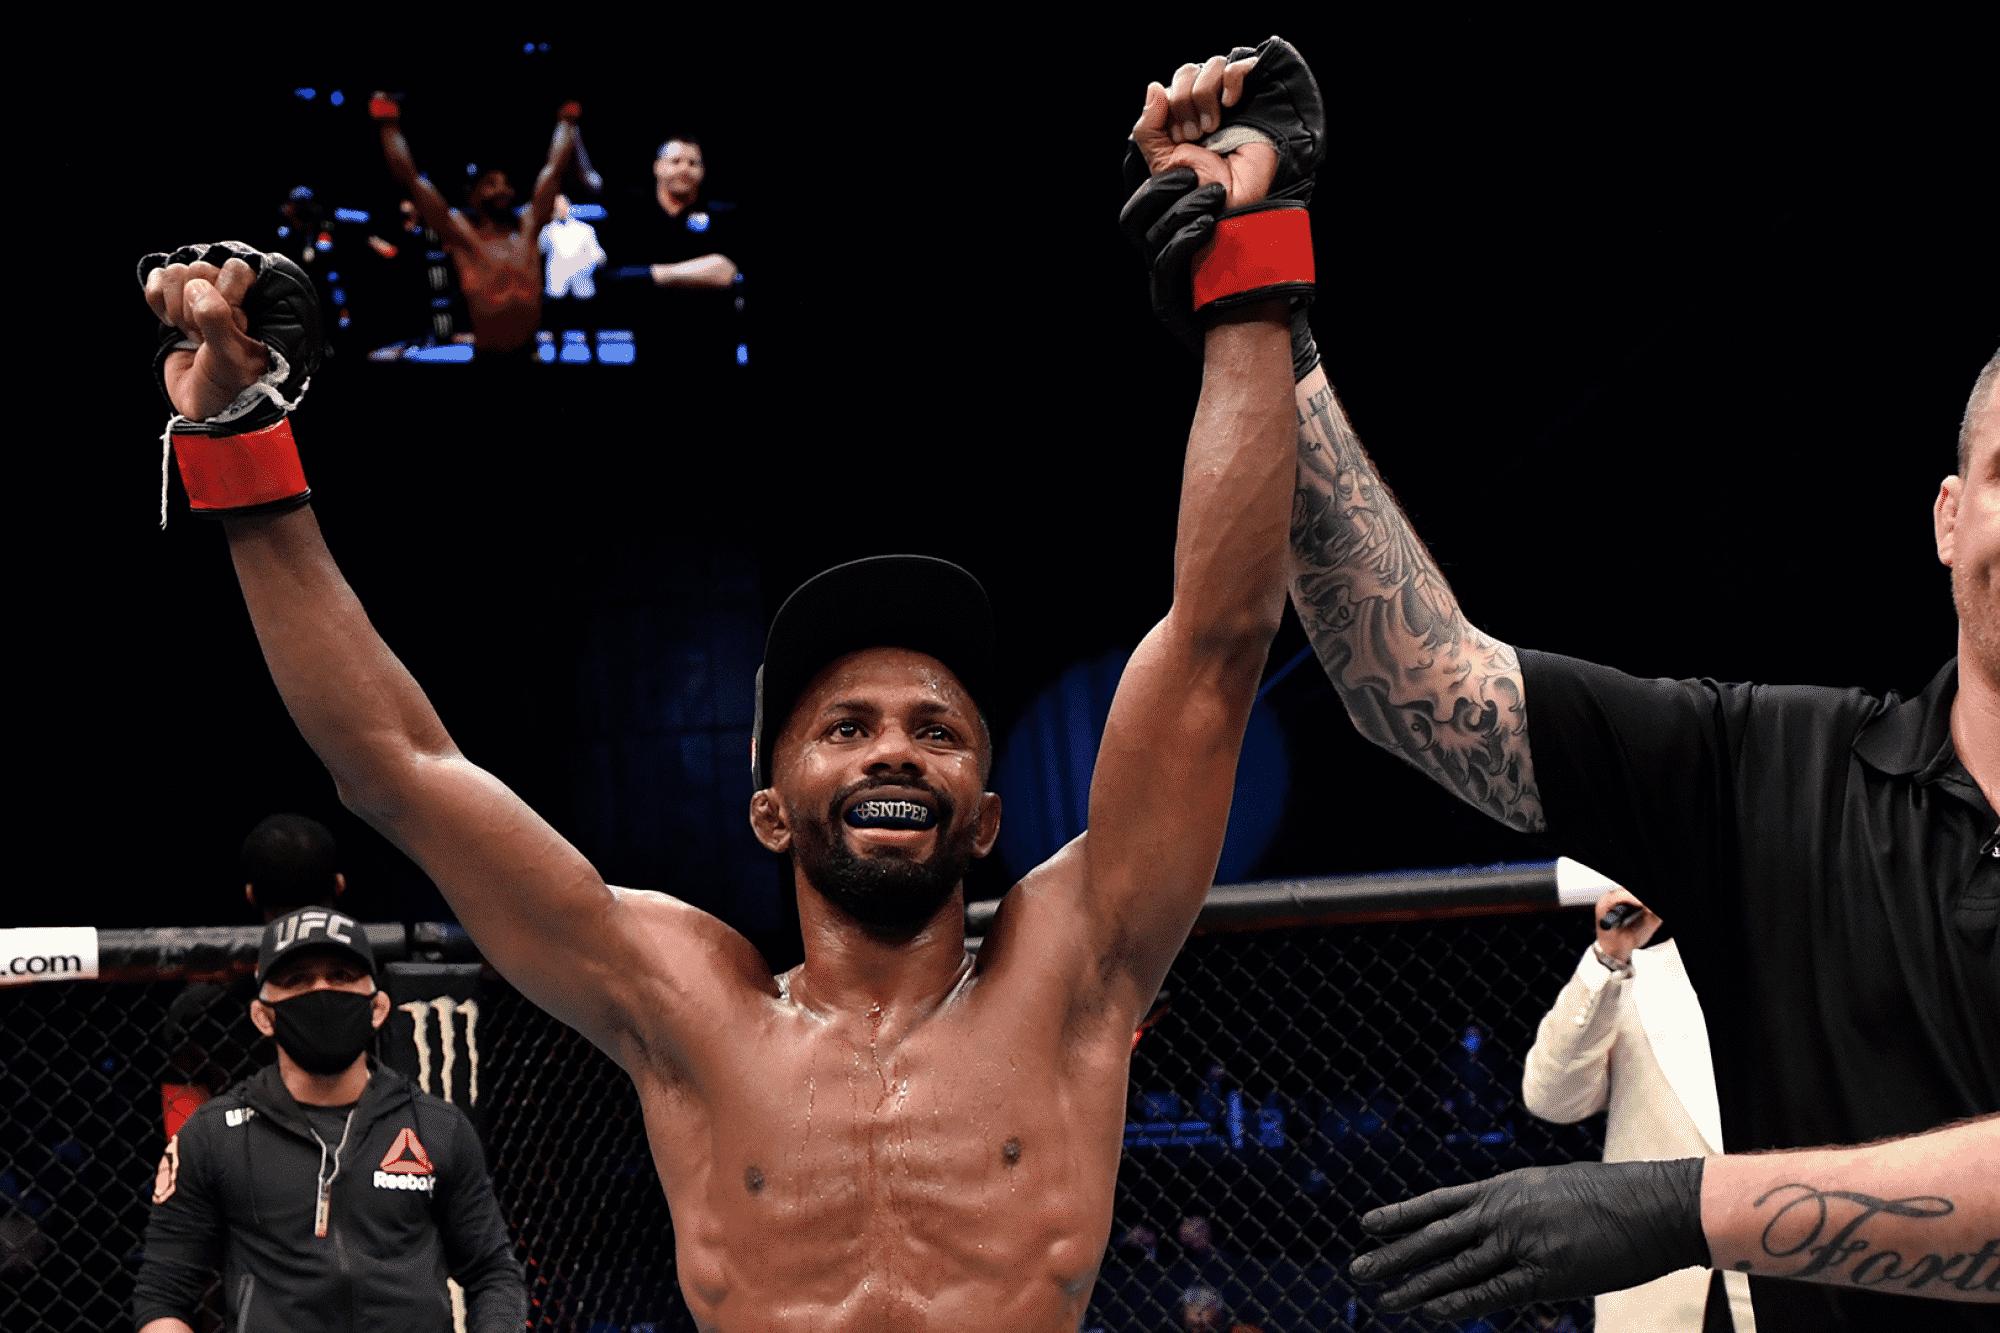 Francisco Figueiredo, quem é? História do lutador de MMA